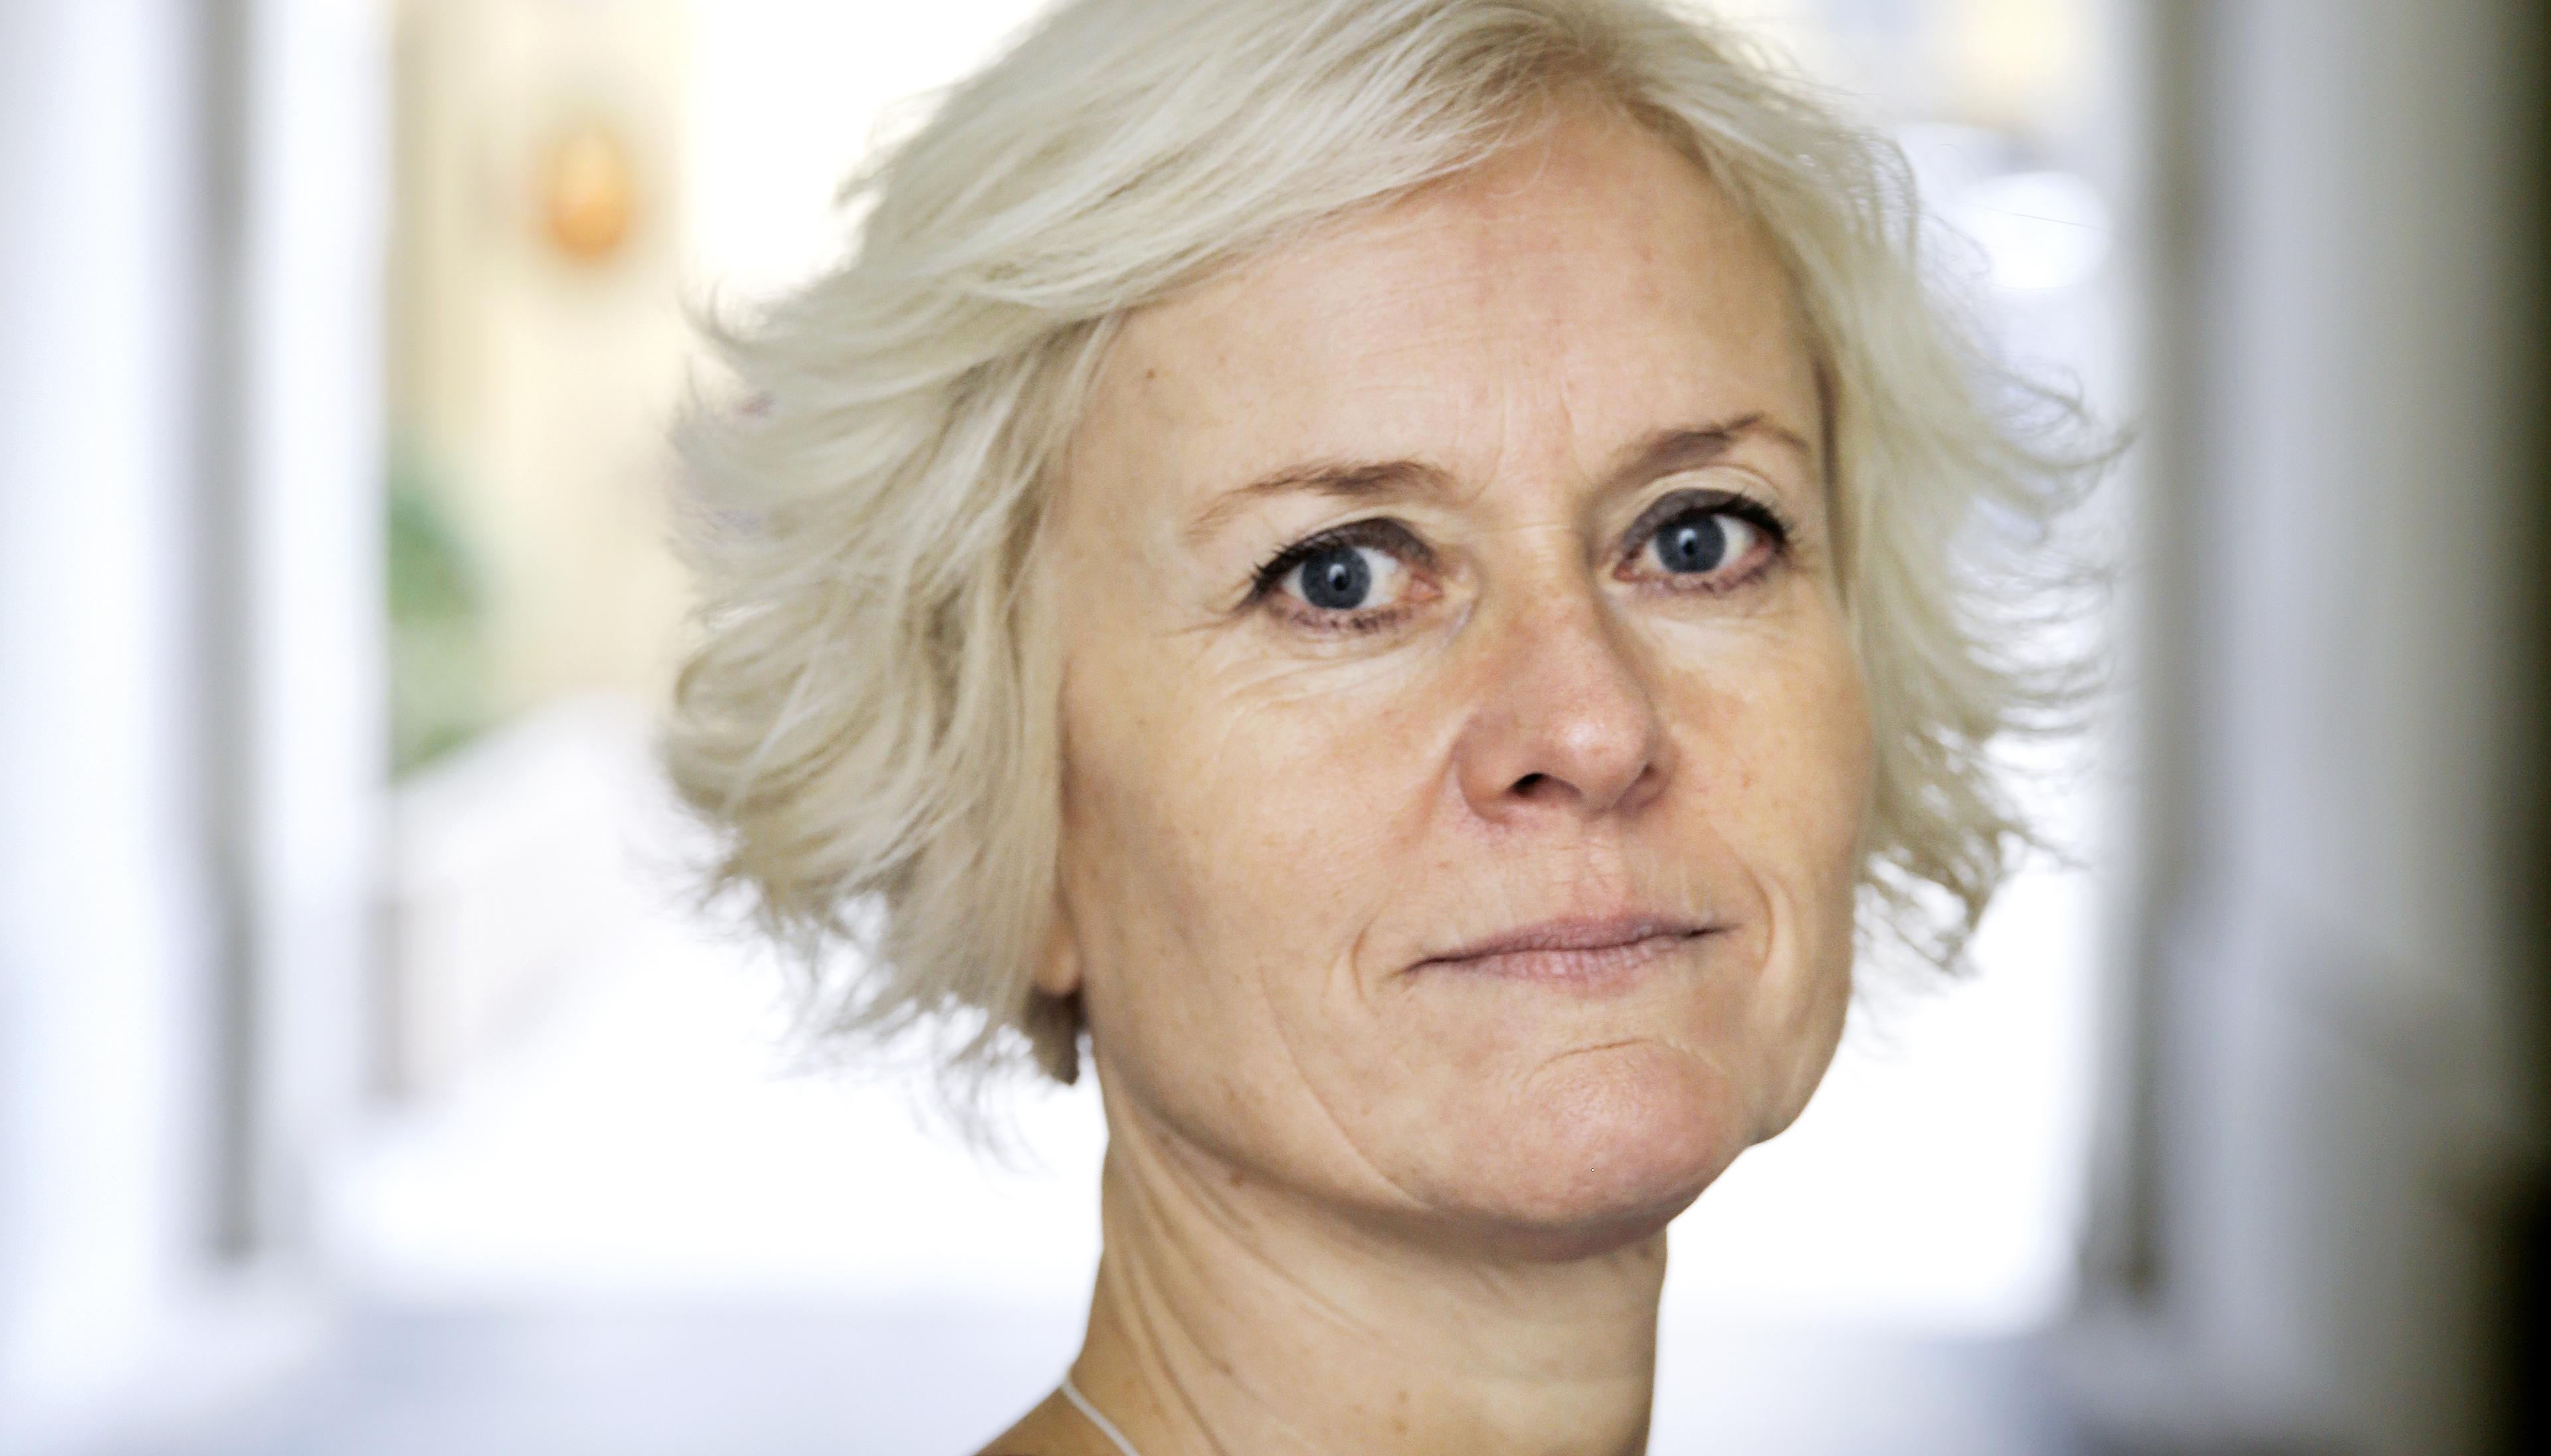 AMALIEDAGENE: Generalsekretæren i Rådet for psykisk helse, Tove Gundersen, skal stå for den offisielle åpningen av Amaliedagene. Foto: Paal Audestad)